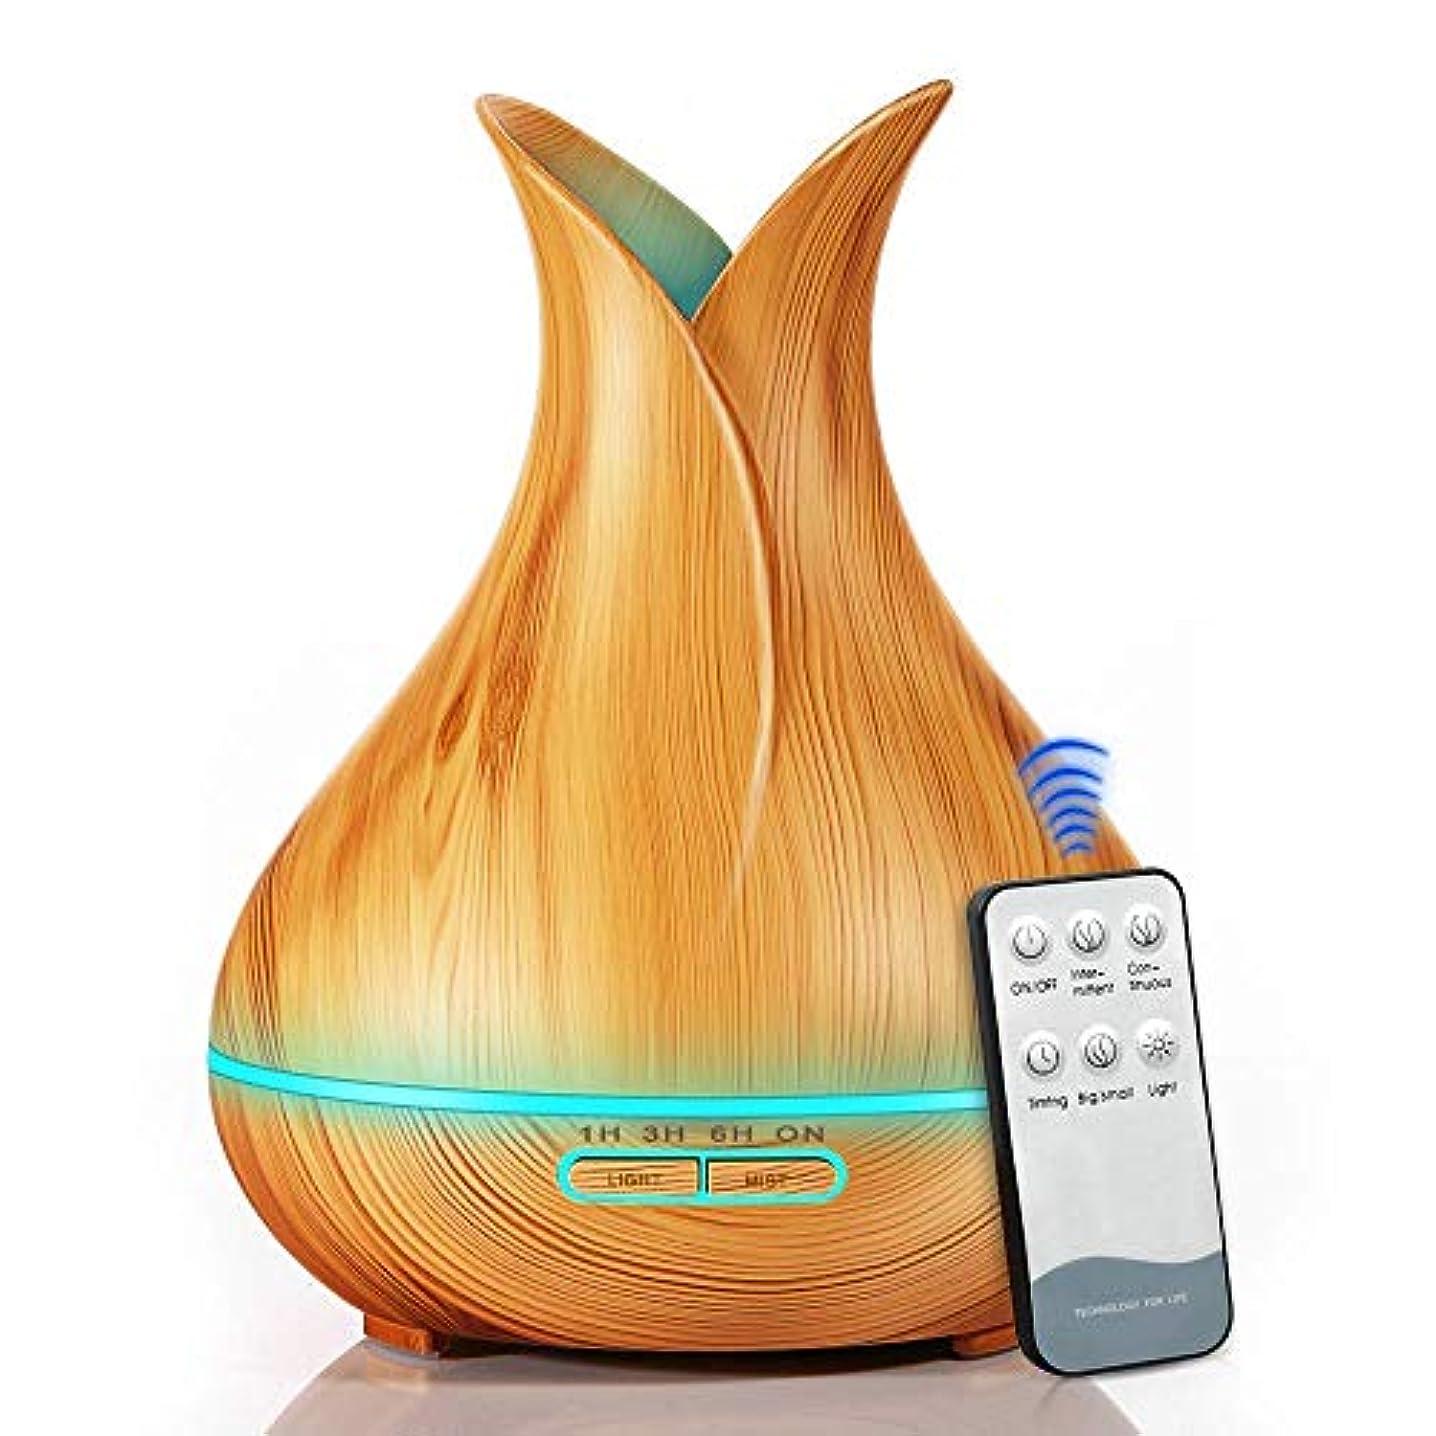 浸食症候群沼地400Mlアロマエッセンシャルオイルディフューザーリモコン超音波加湿器、ウッドグレイン7色LED点灯タイマー設定,Brown